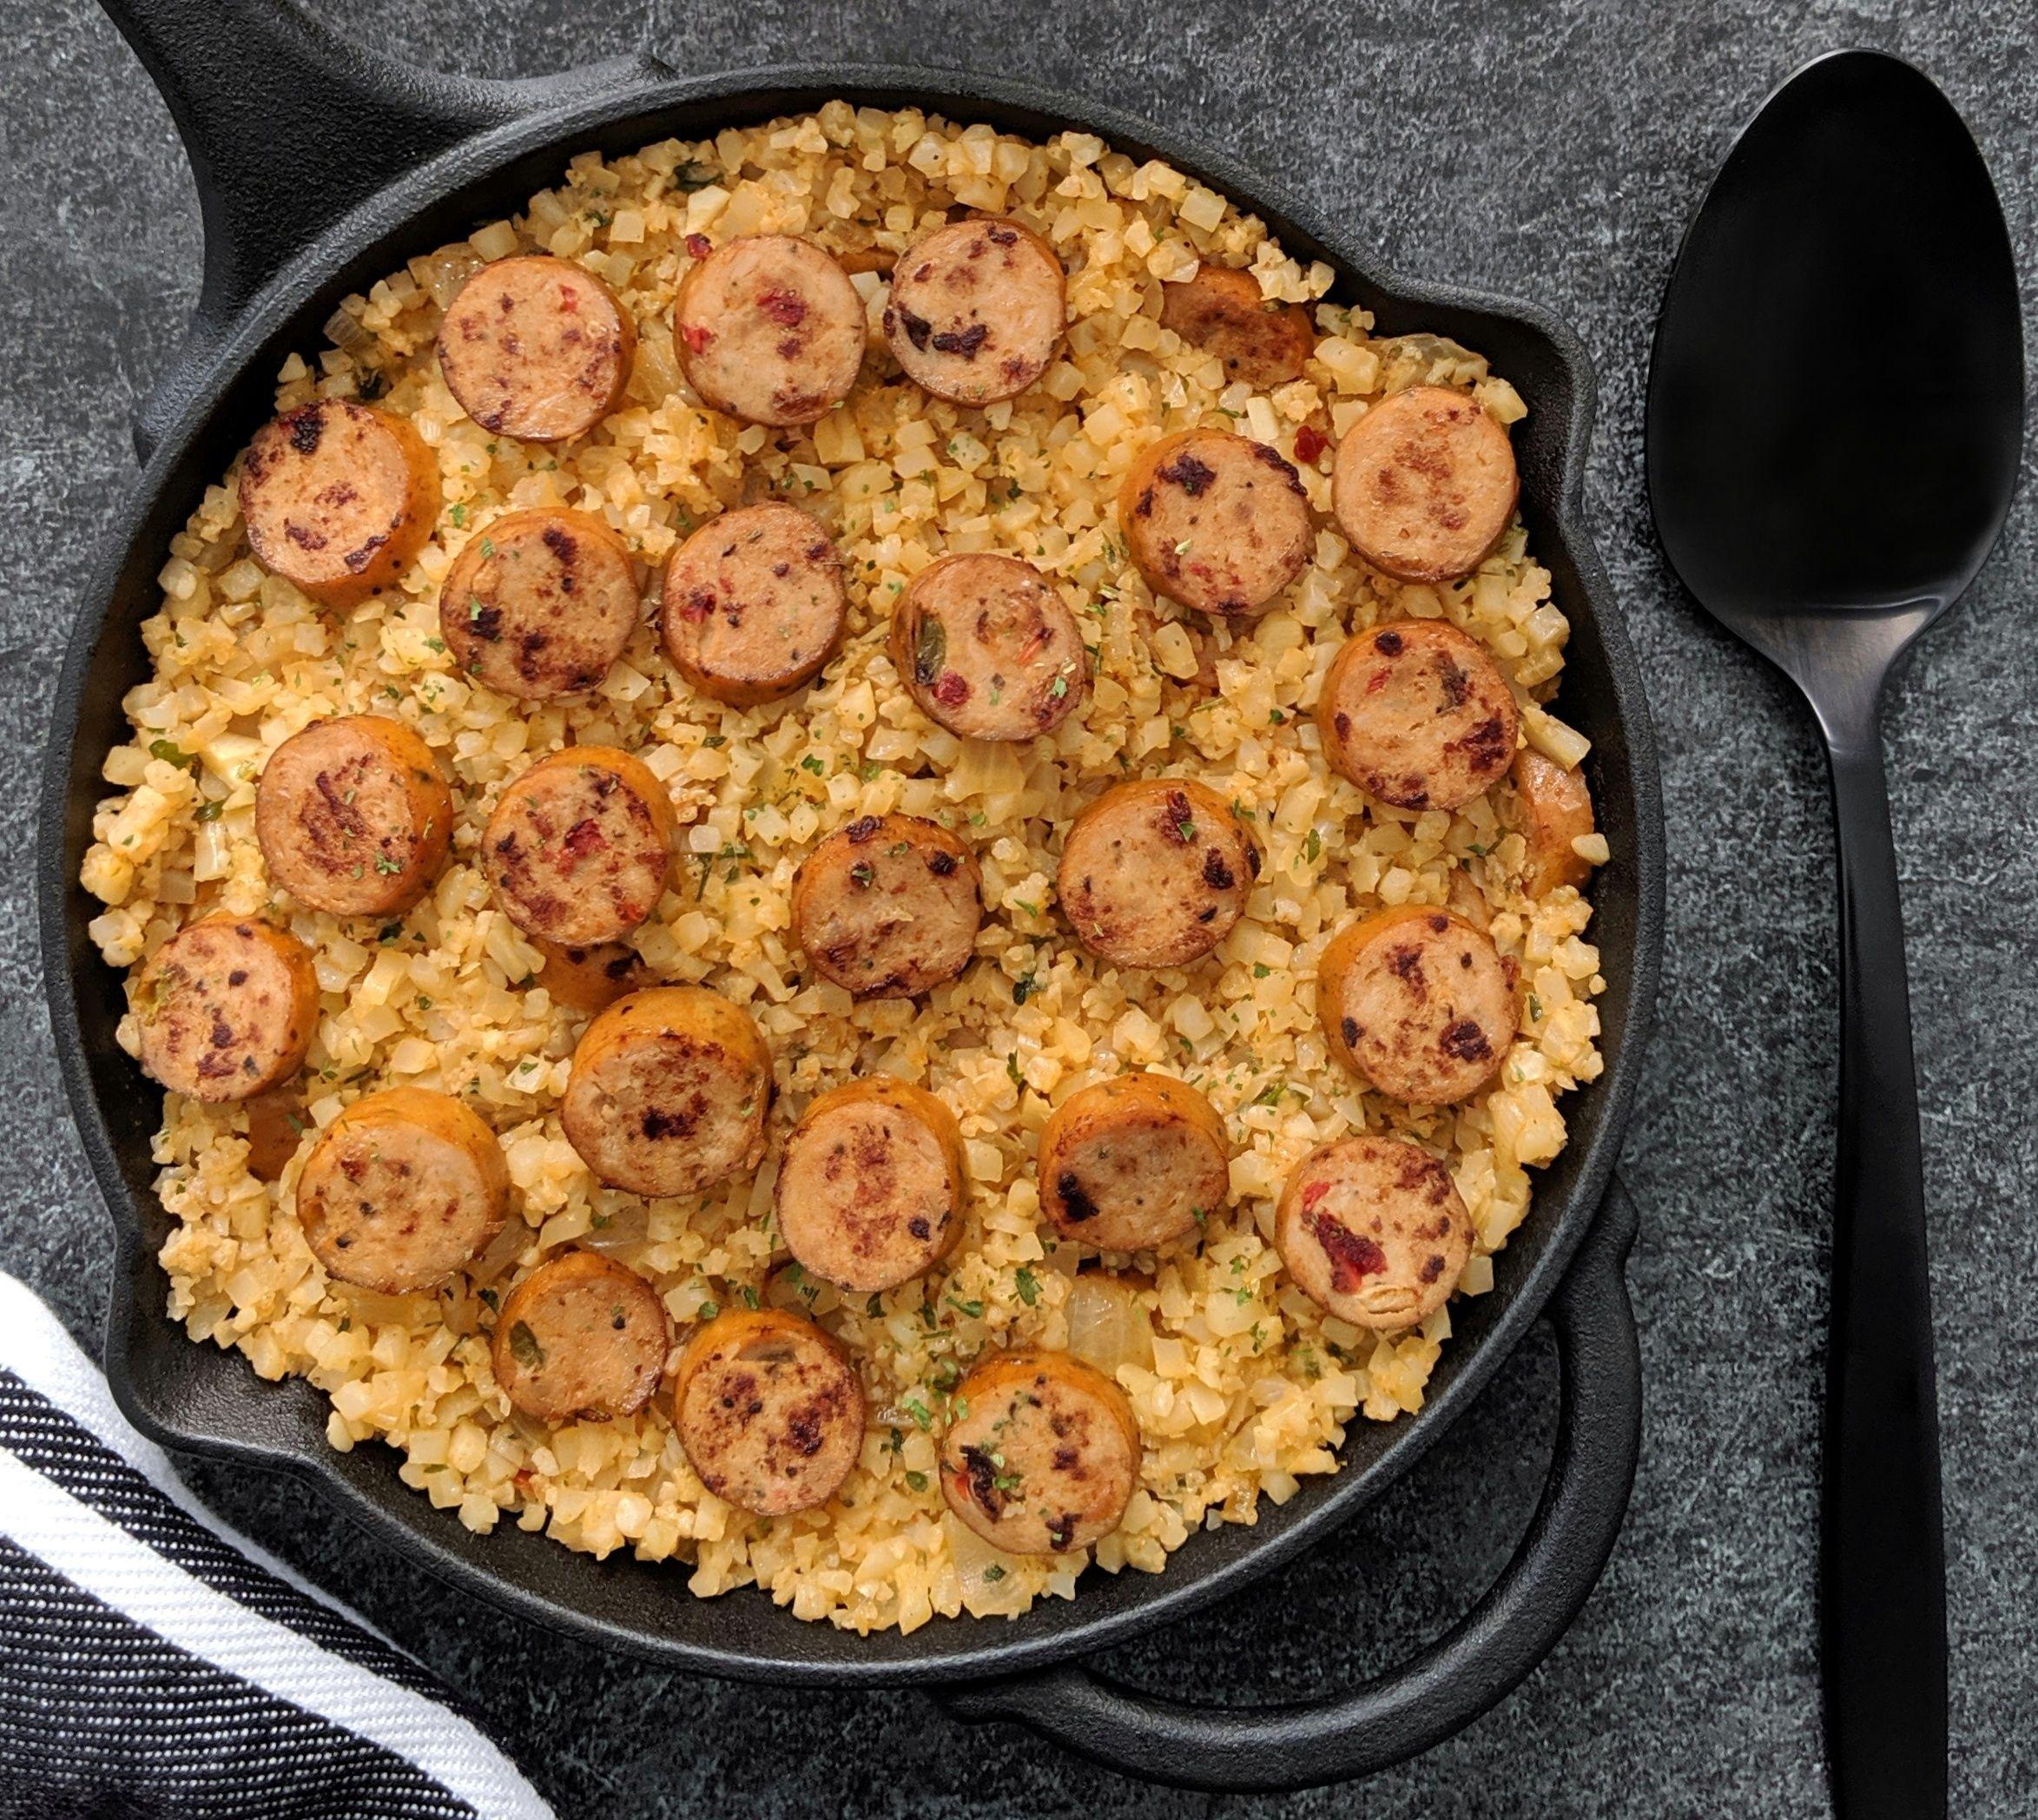 Keto chicken sausage cauliflower rice skillet recipe